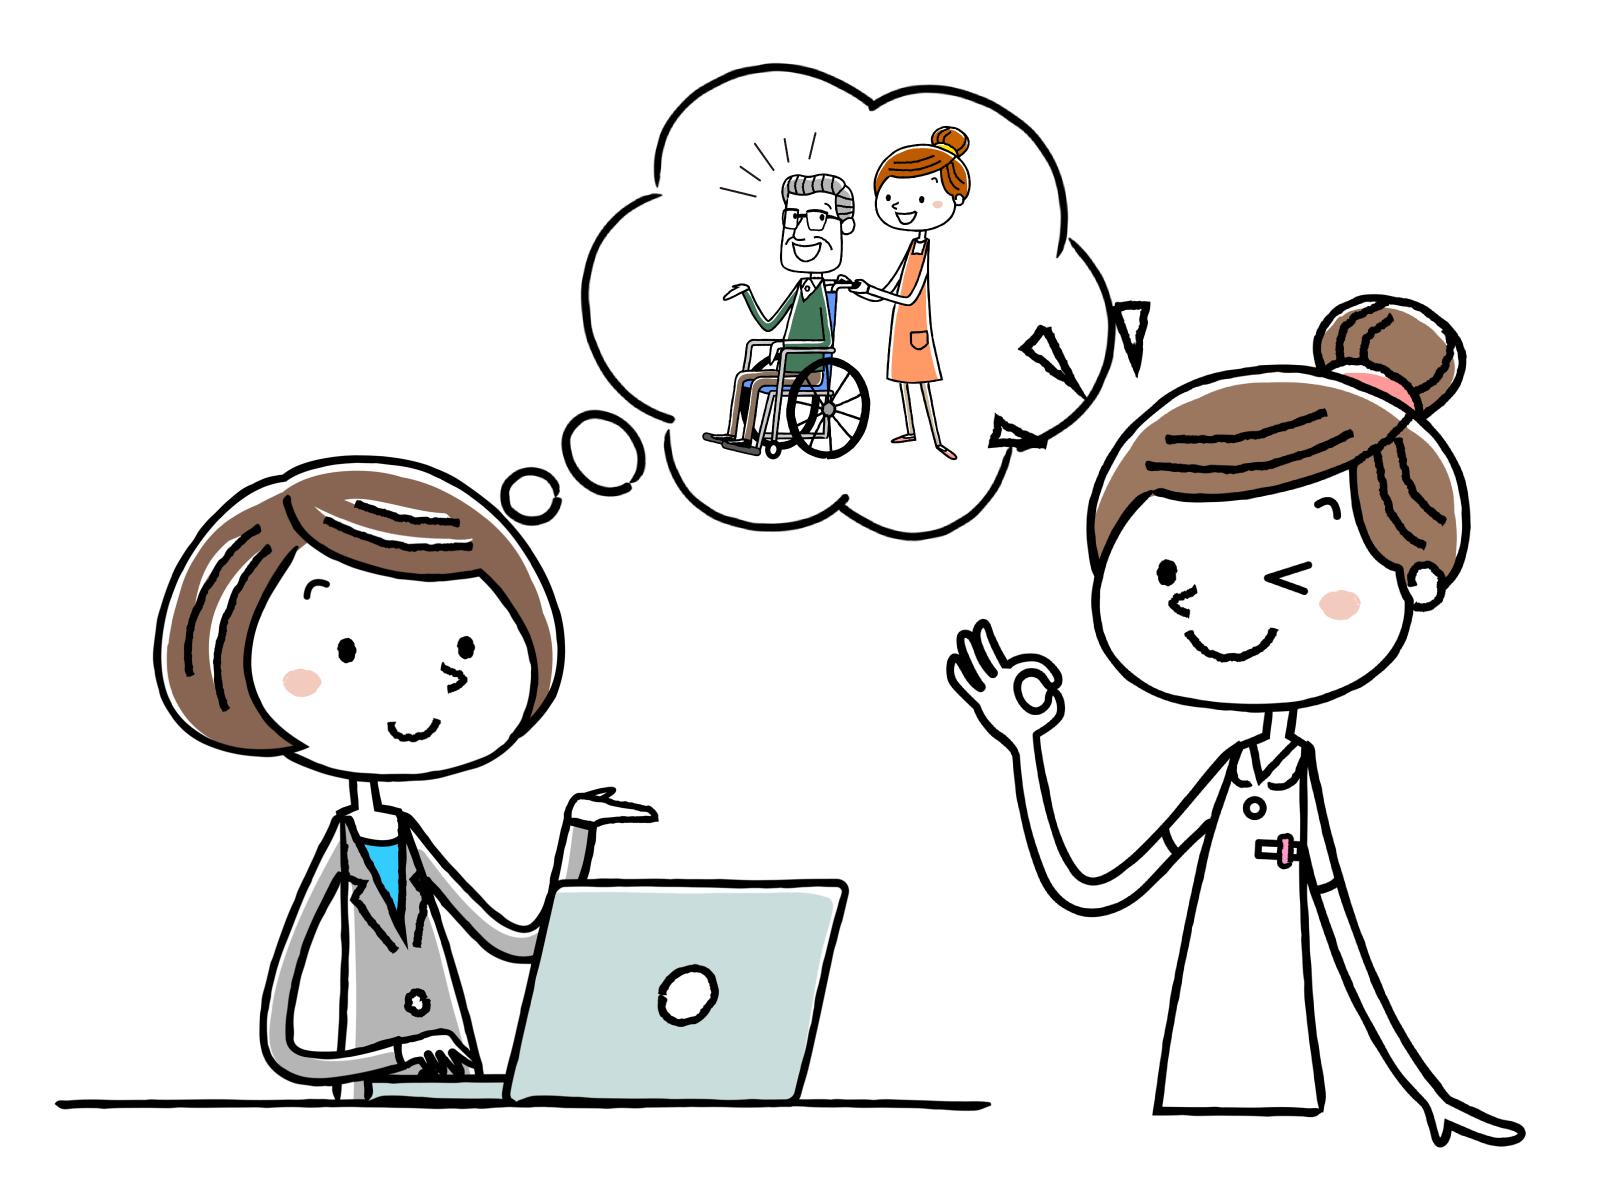 介護事務員の資格、仕事内容のイメージイラスト